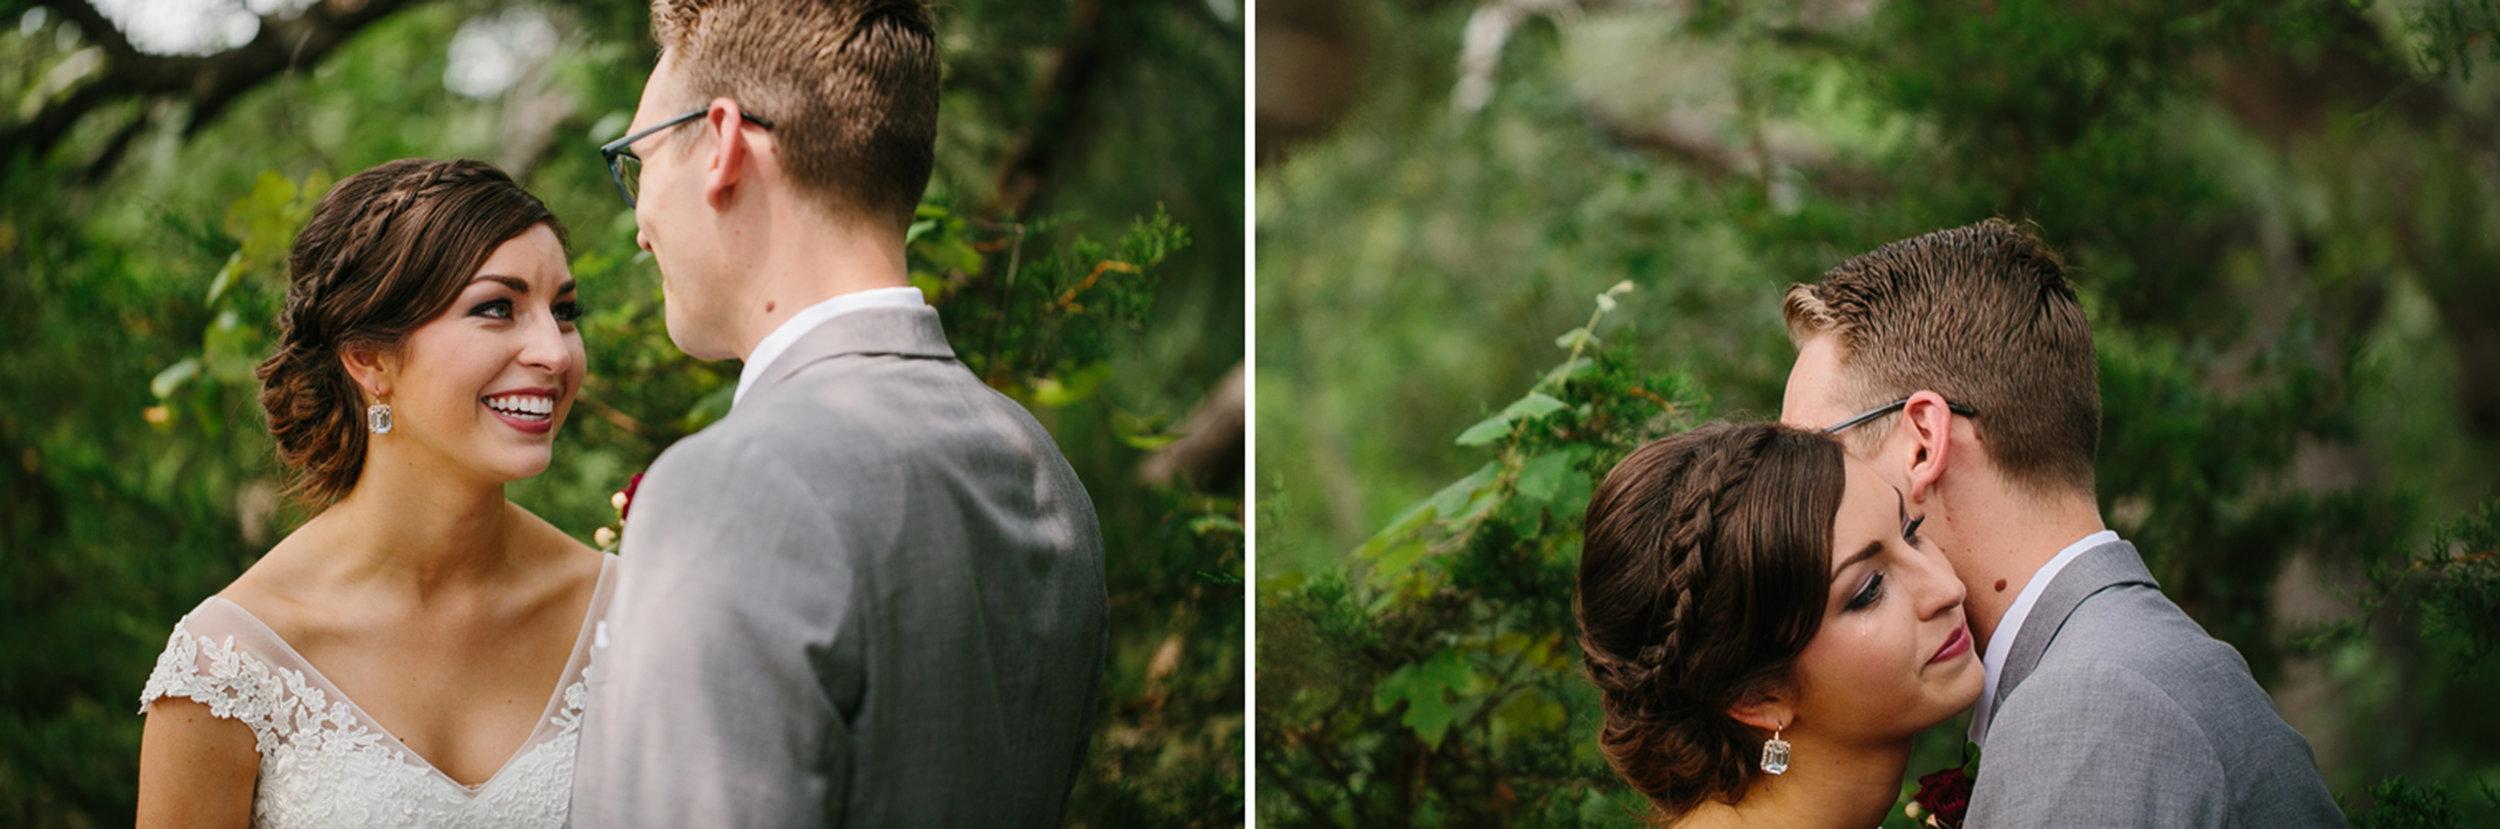 Austin_WeddingPhotographerWARRWEDDING012.jpg